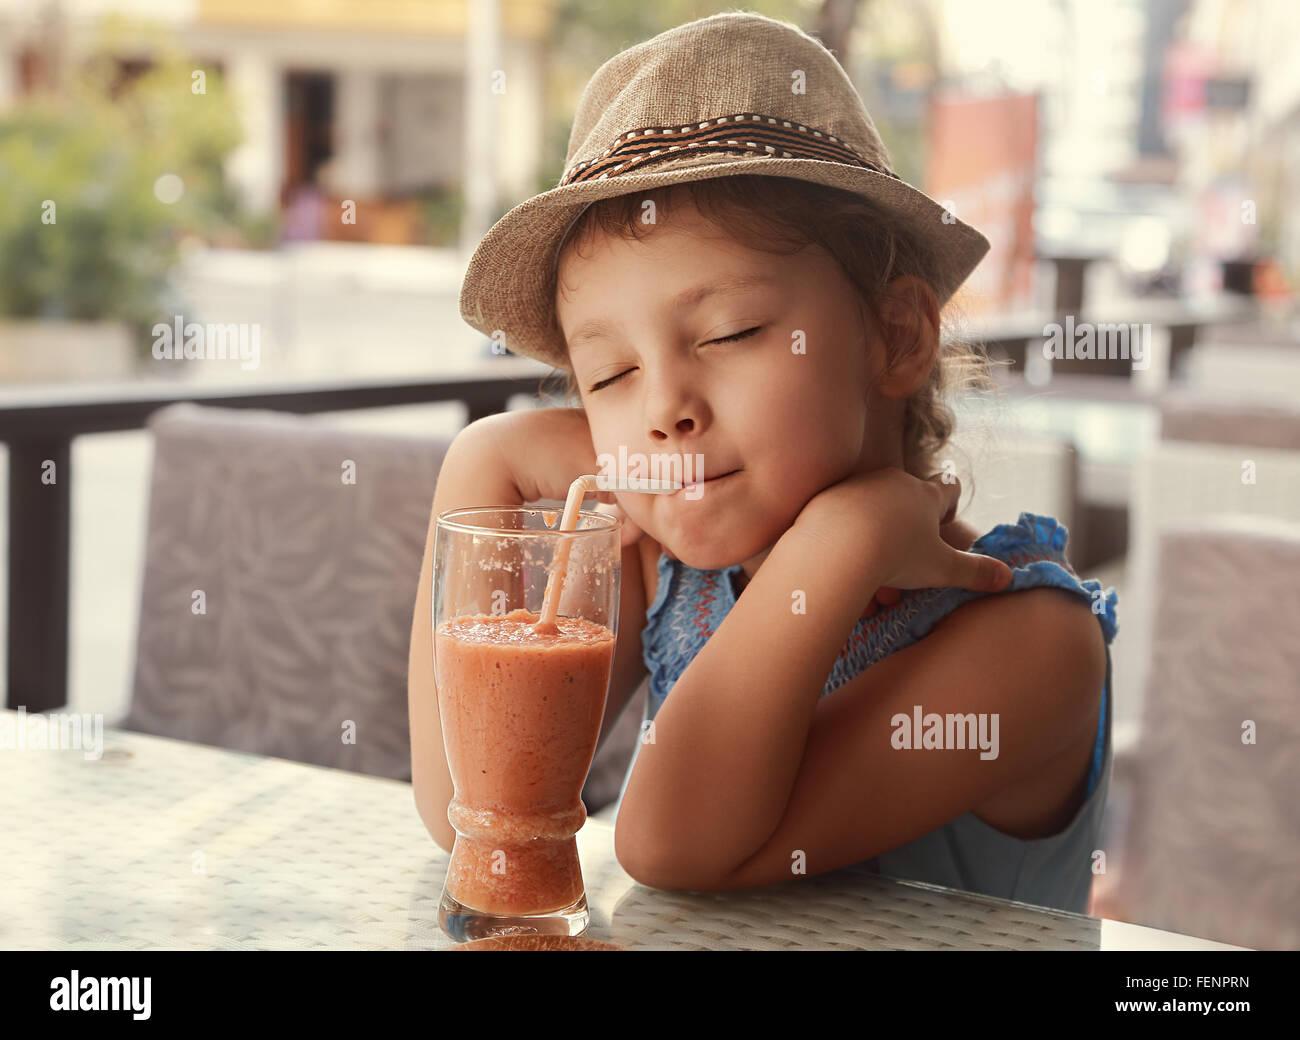 Feliz disfrutando de chico chica beber jugo sabroso batido natural con ojos cerrados relajado en el restaurante Imagen De Stock